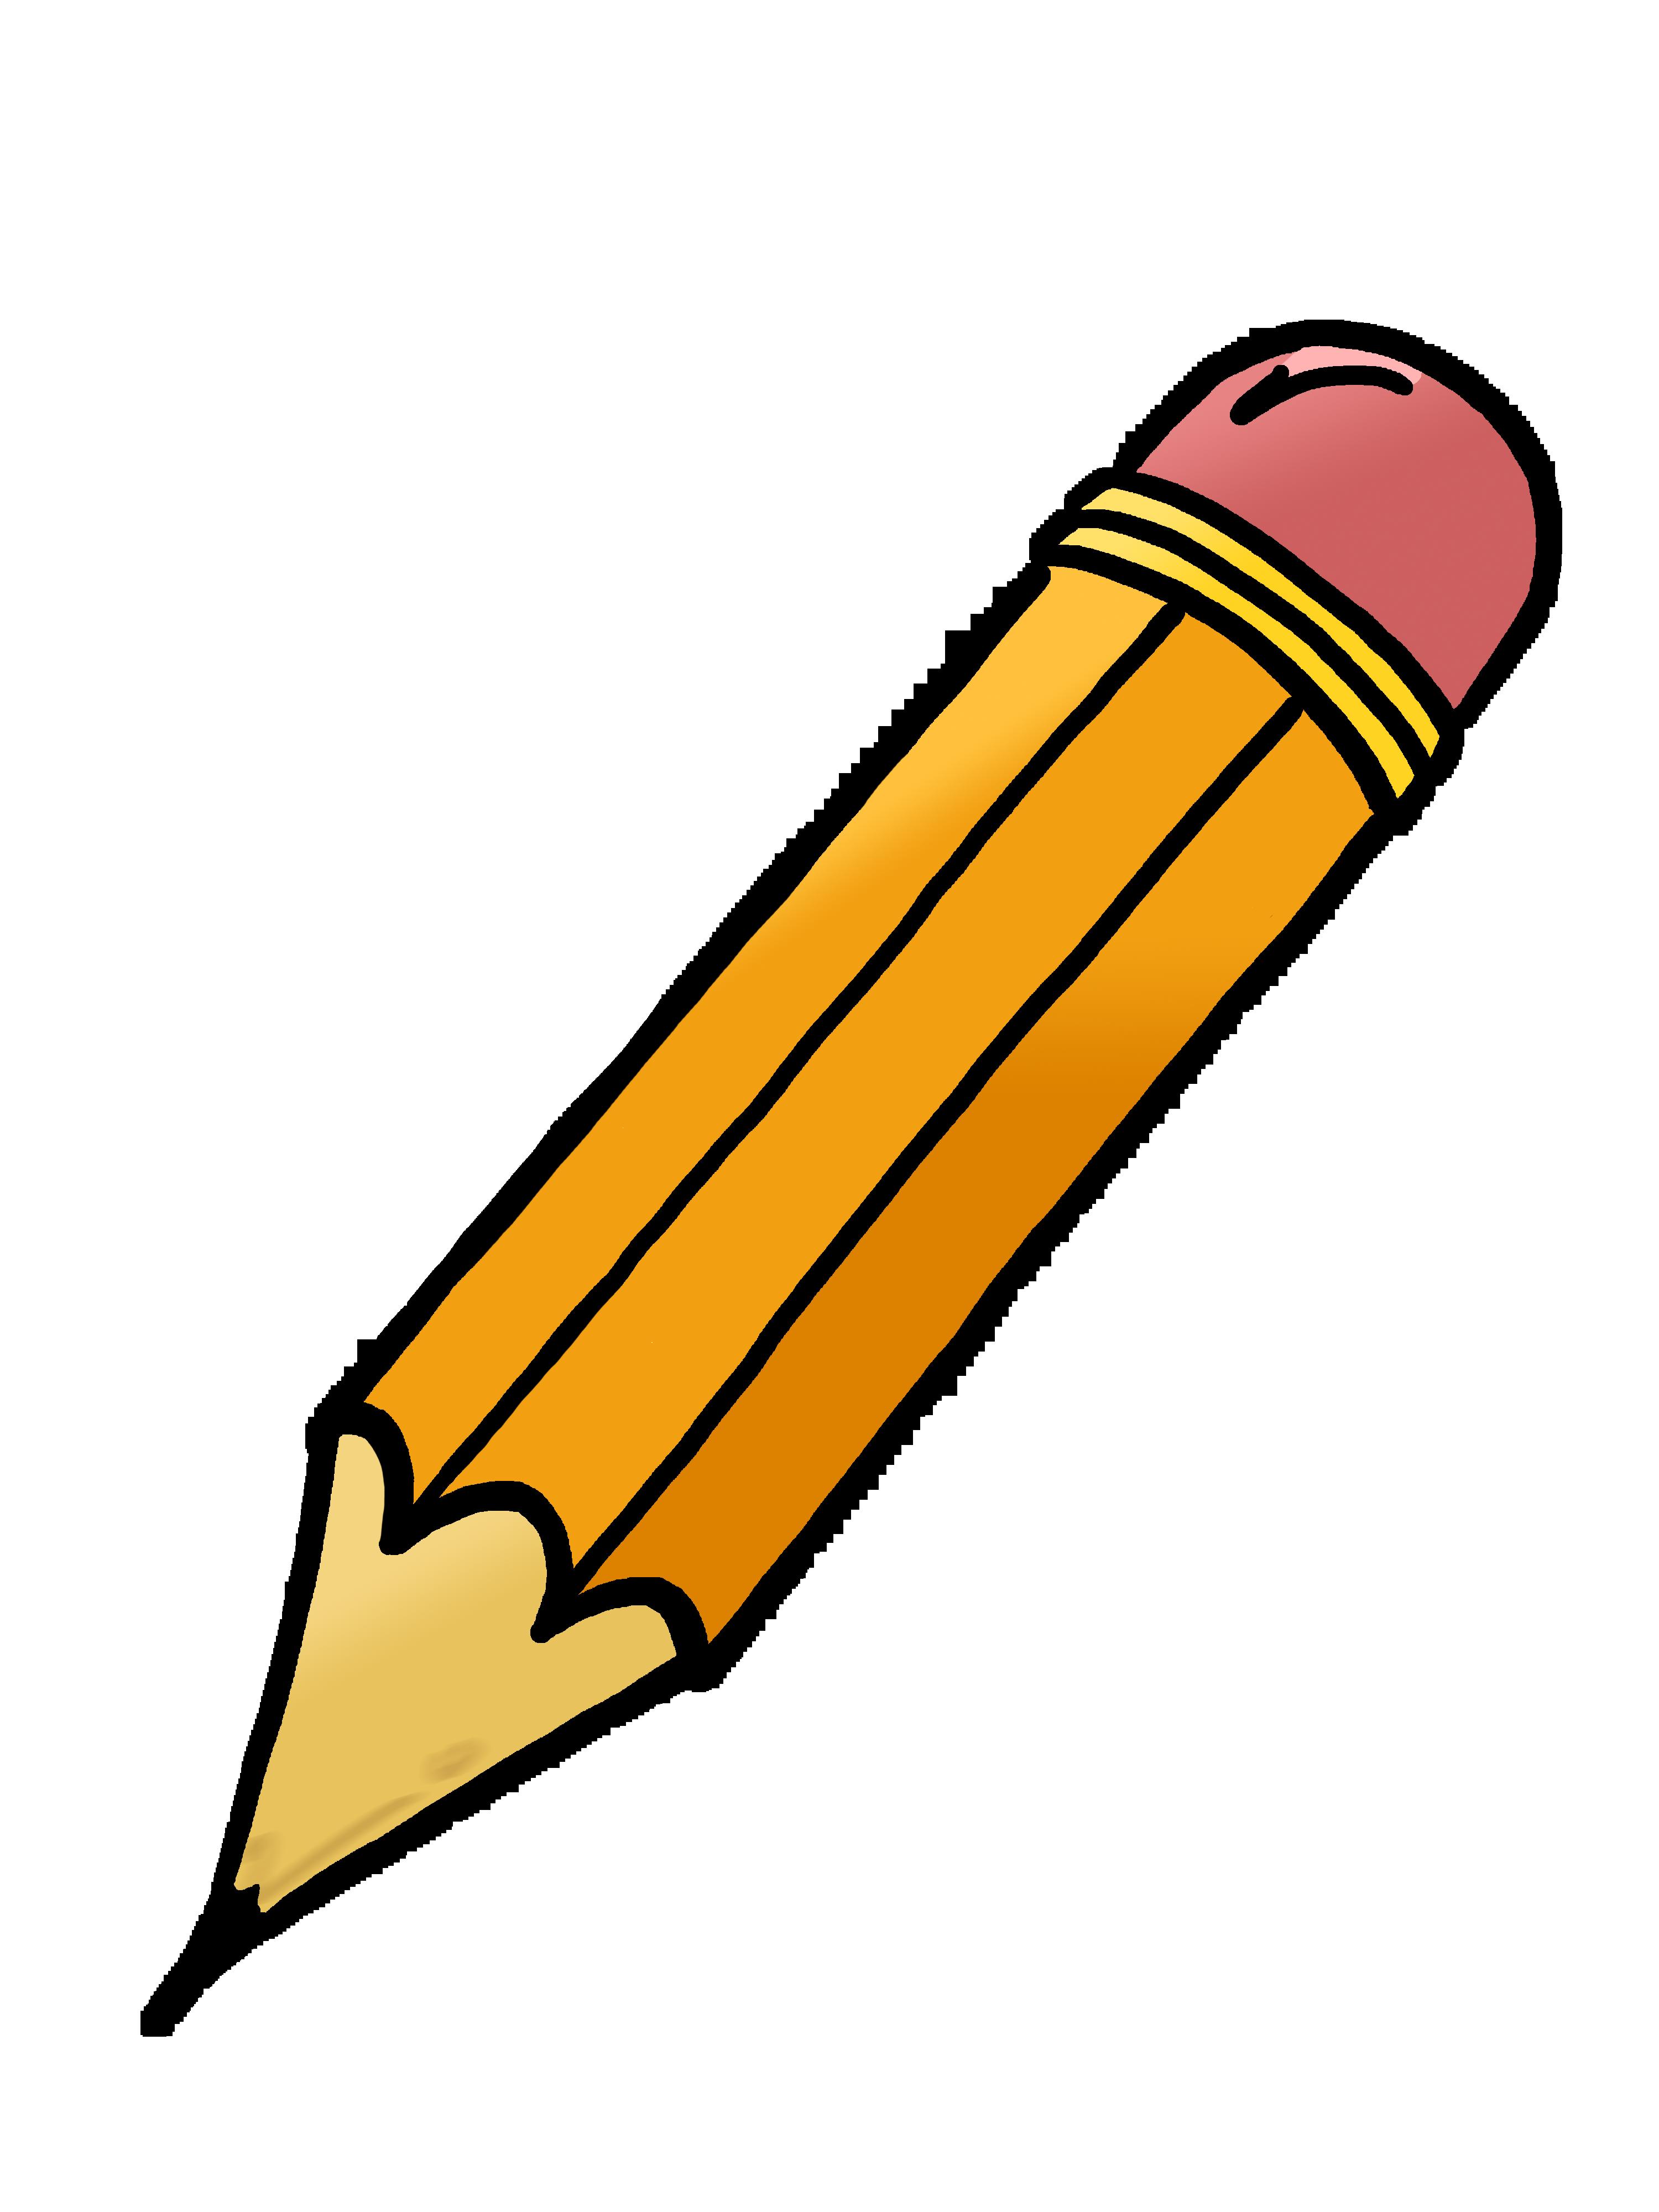 Pencil Clipart-pencil clipart-14